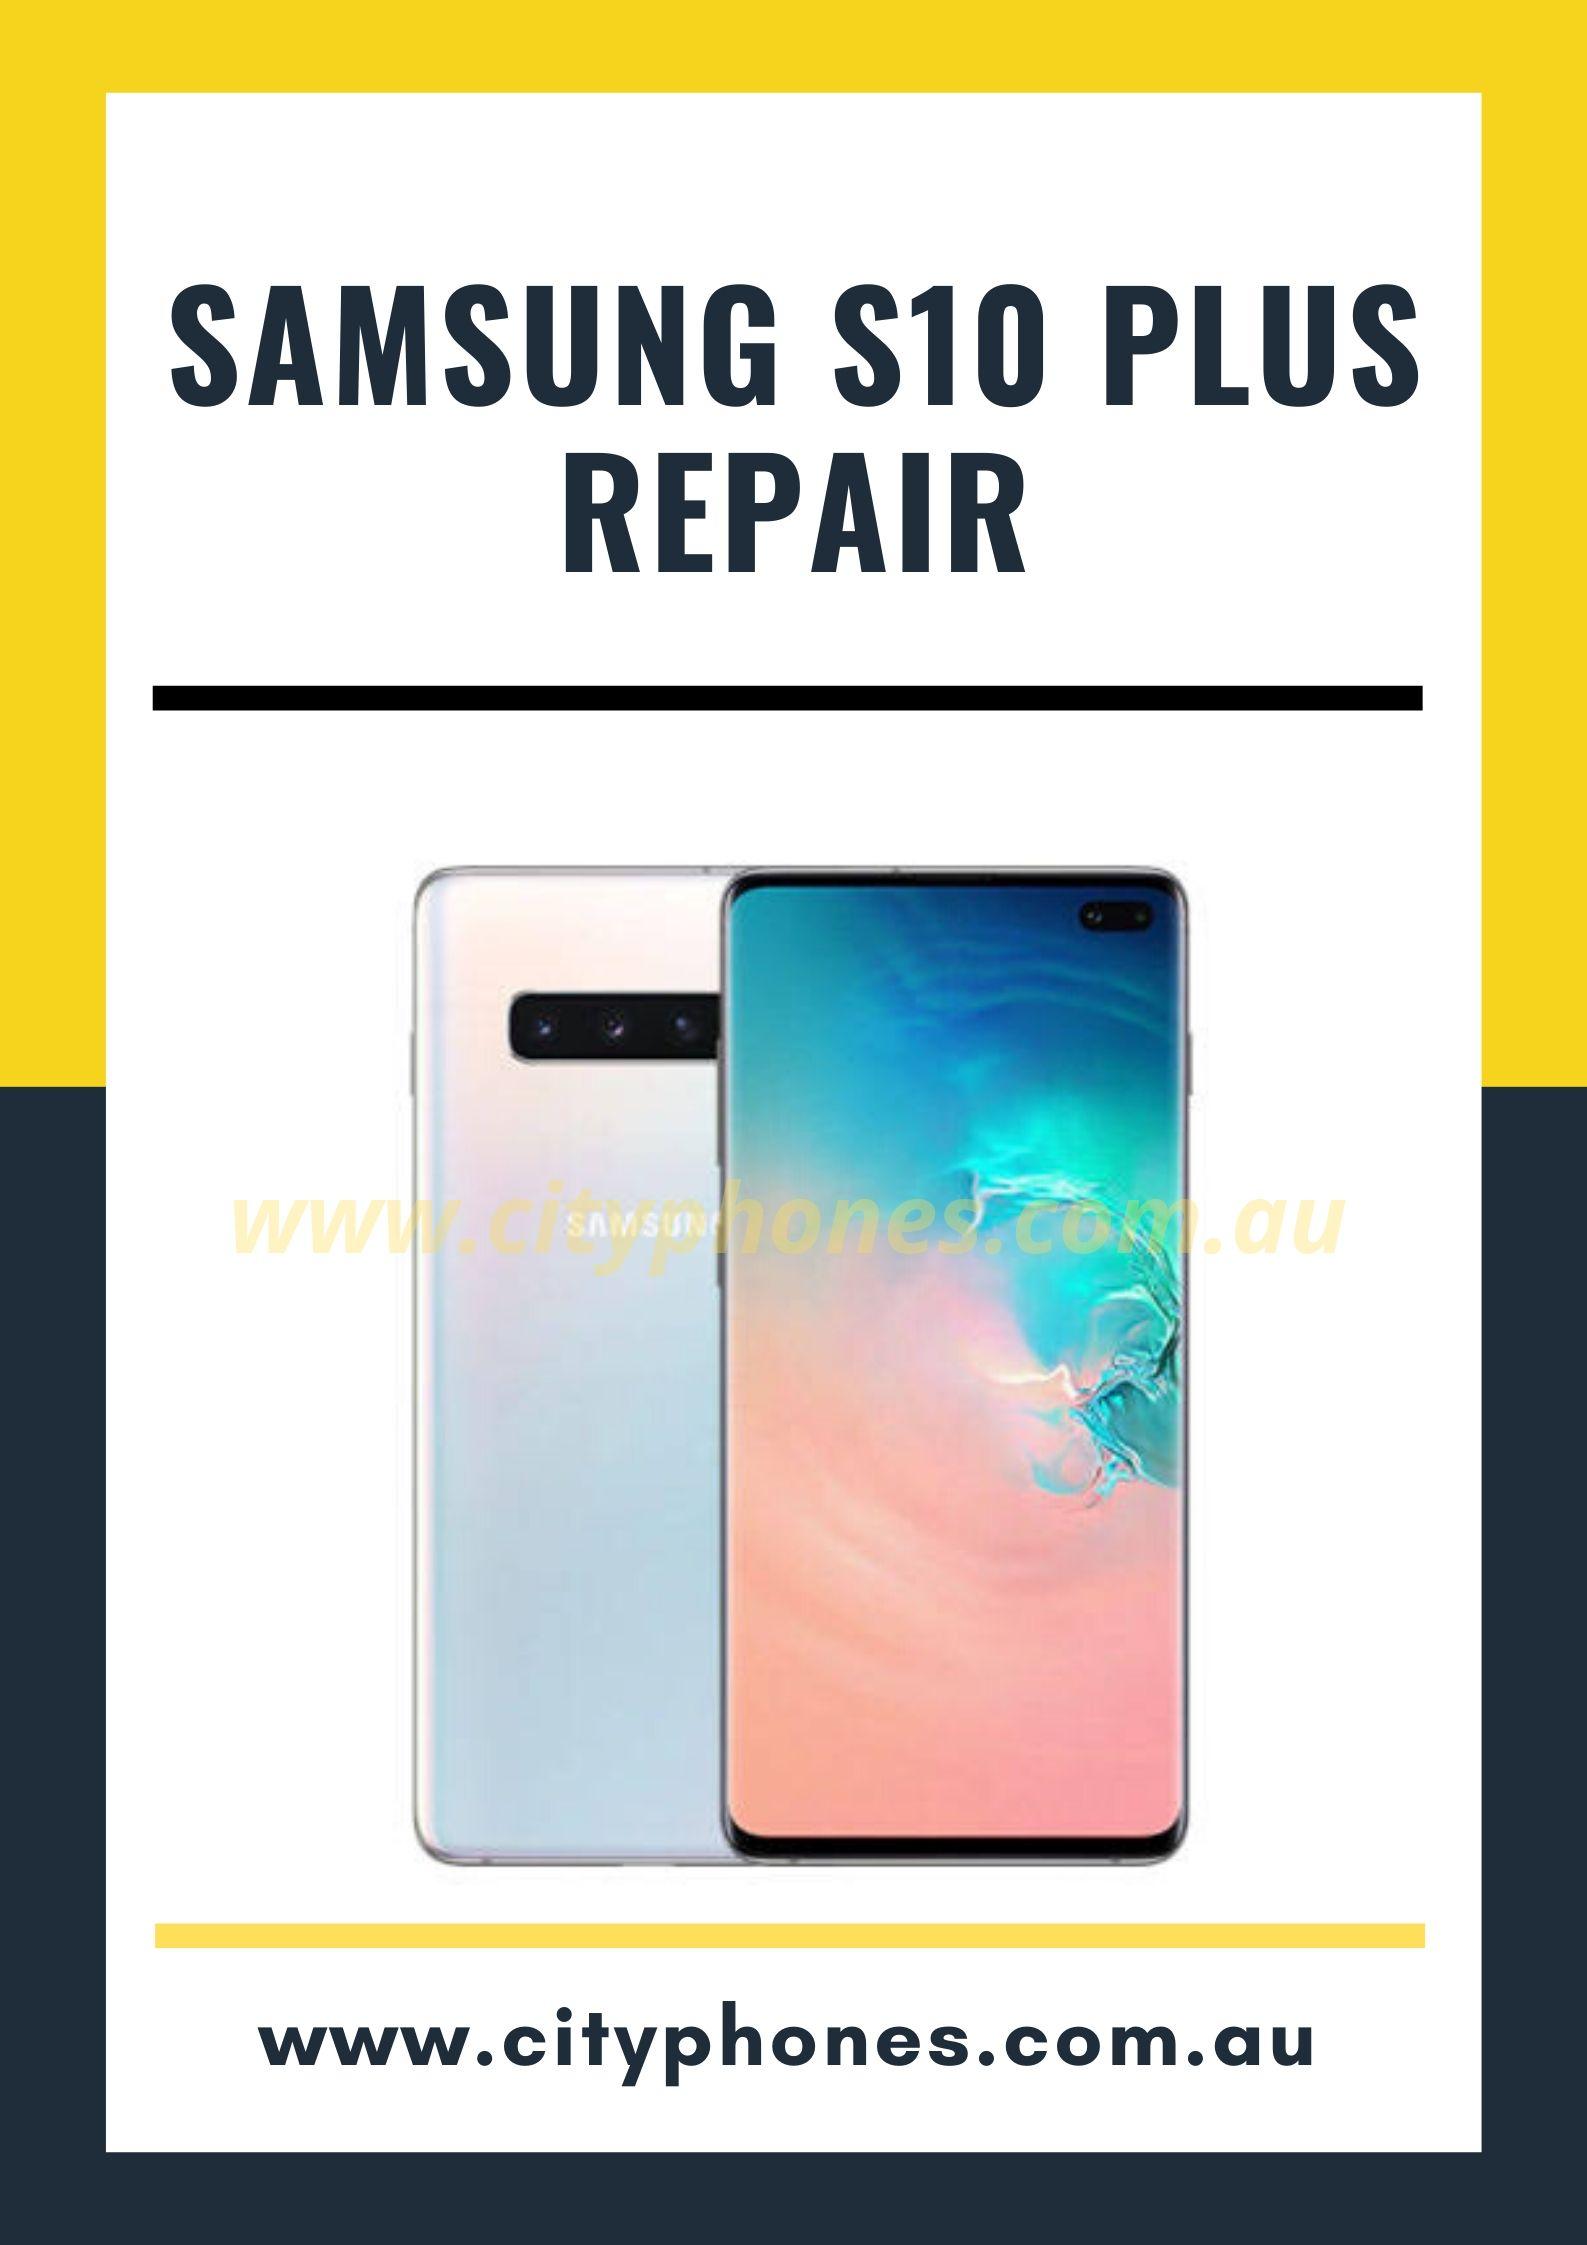 Samsung s10 plus screen repair